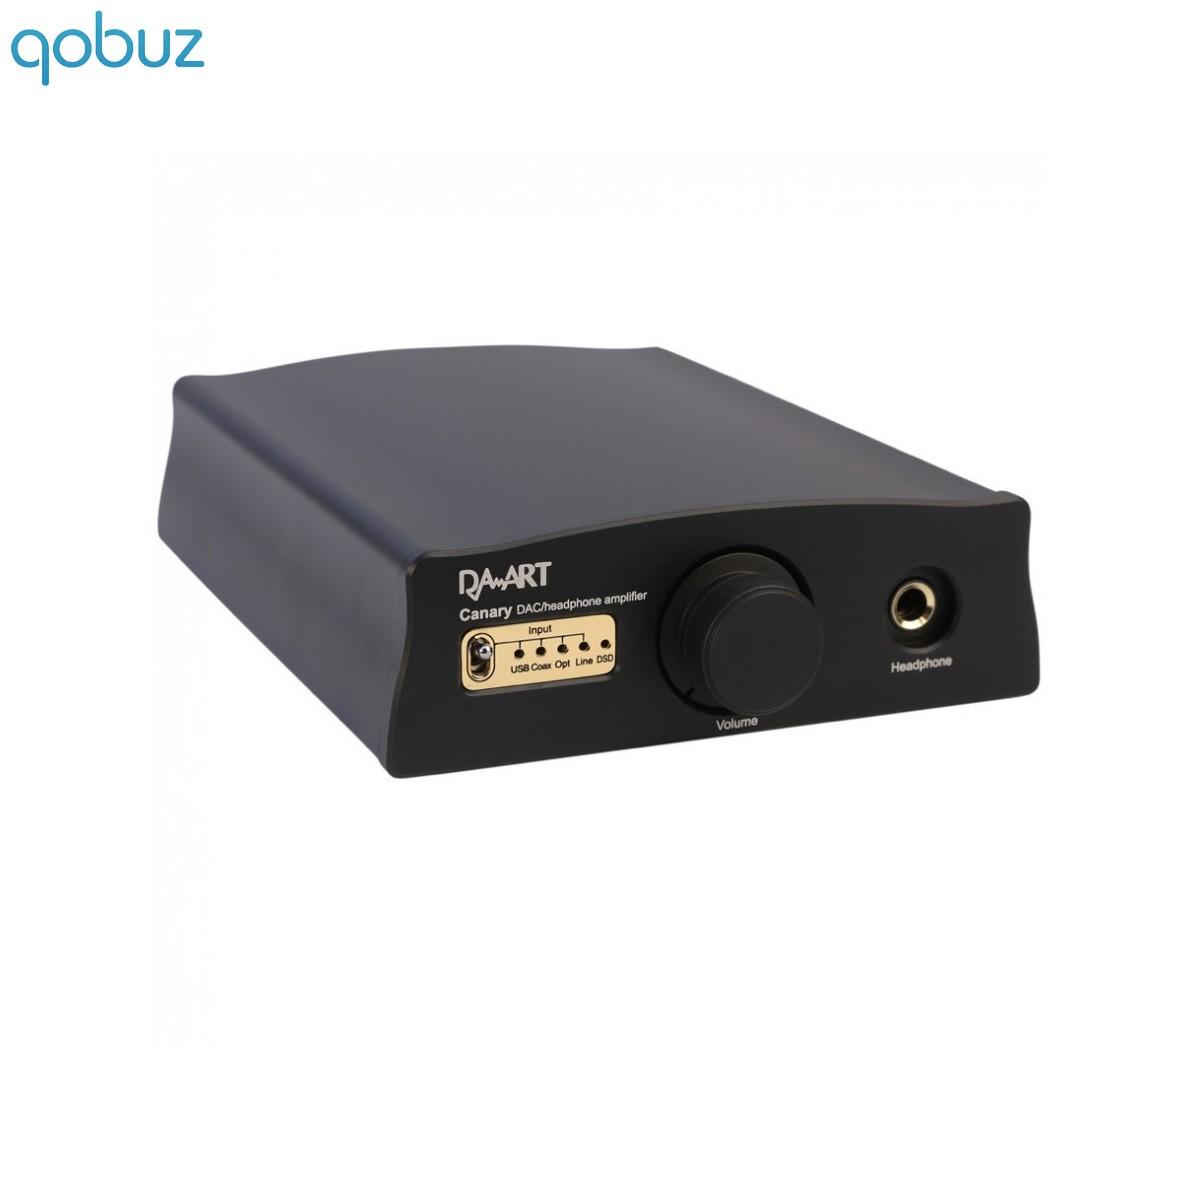 DAART Canary DAC USB XMOS DSD ES9018K2M 32Bit Ampli casque class A Noir